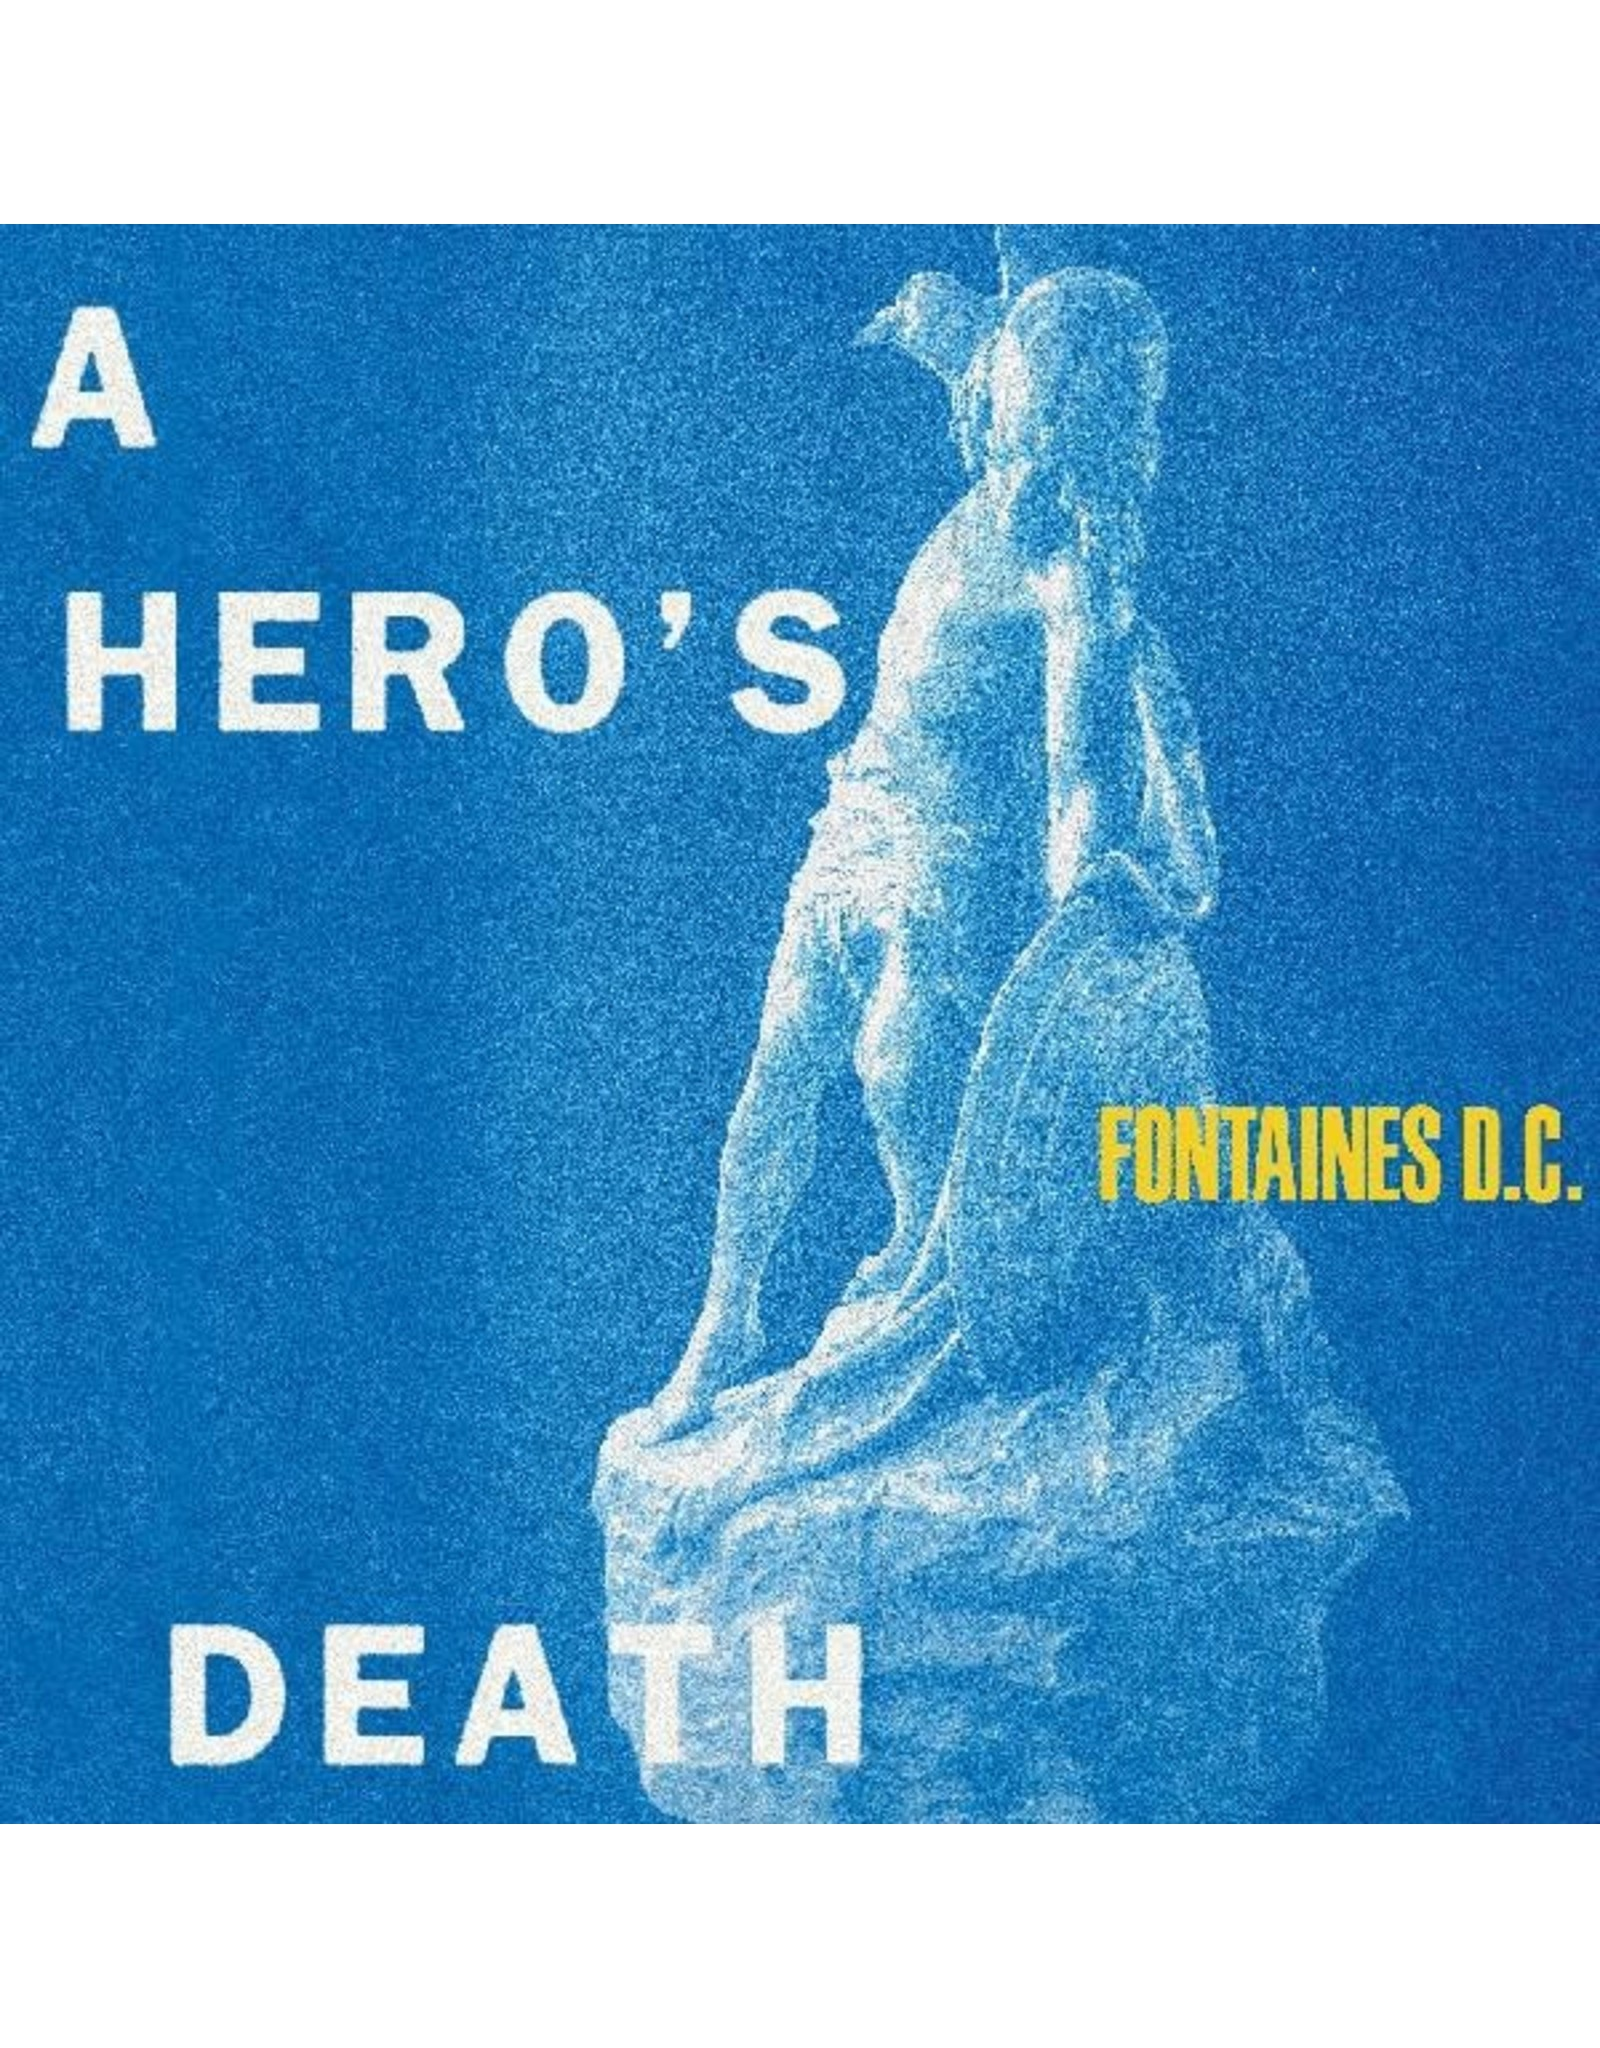 New Vinyl Fontaines D.C. - A Hero's Death LP